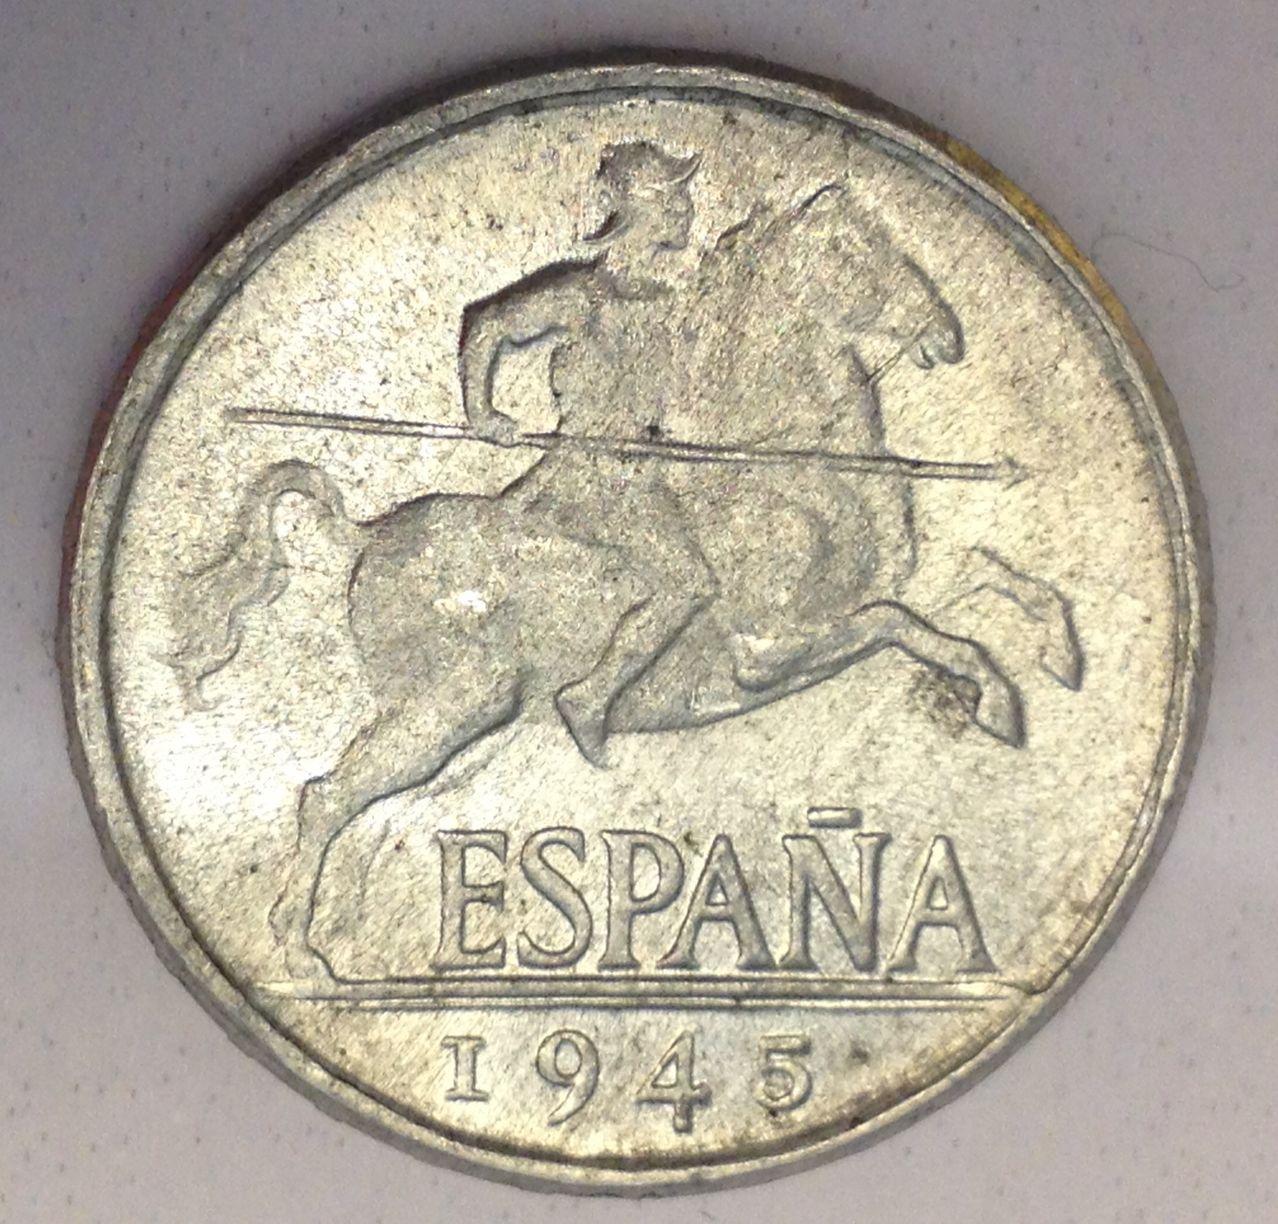 5 céntimos 1945 Estado Español Image